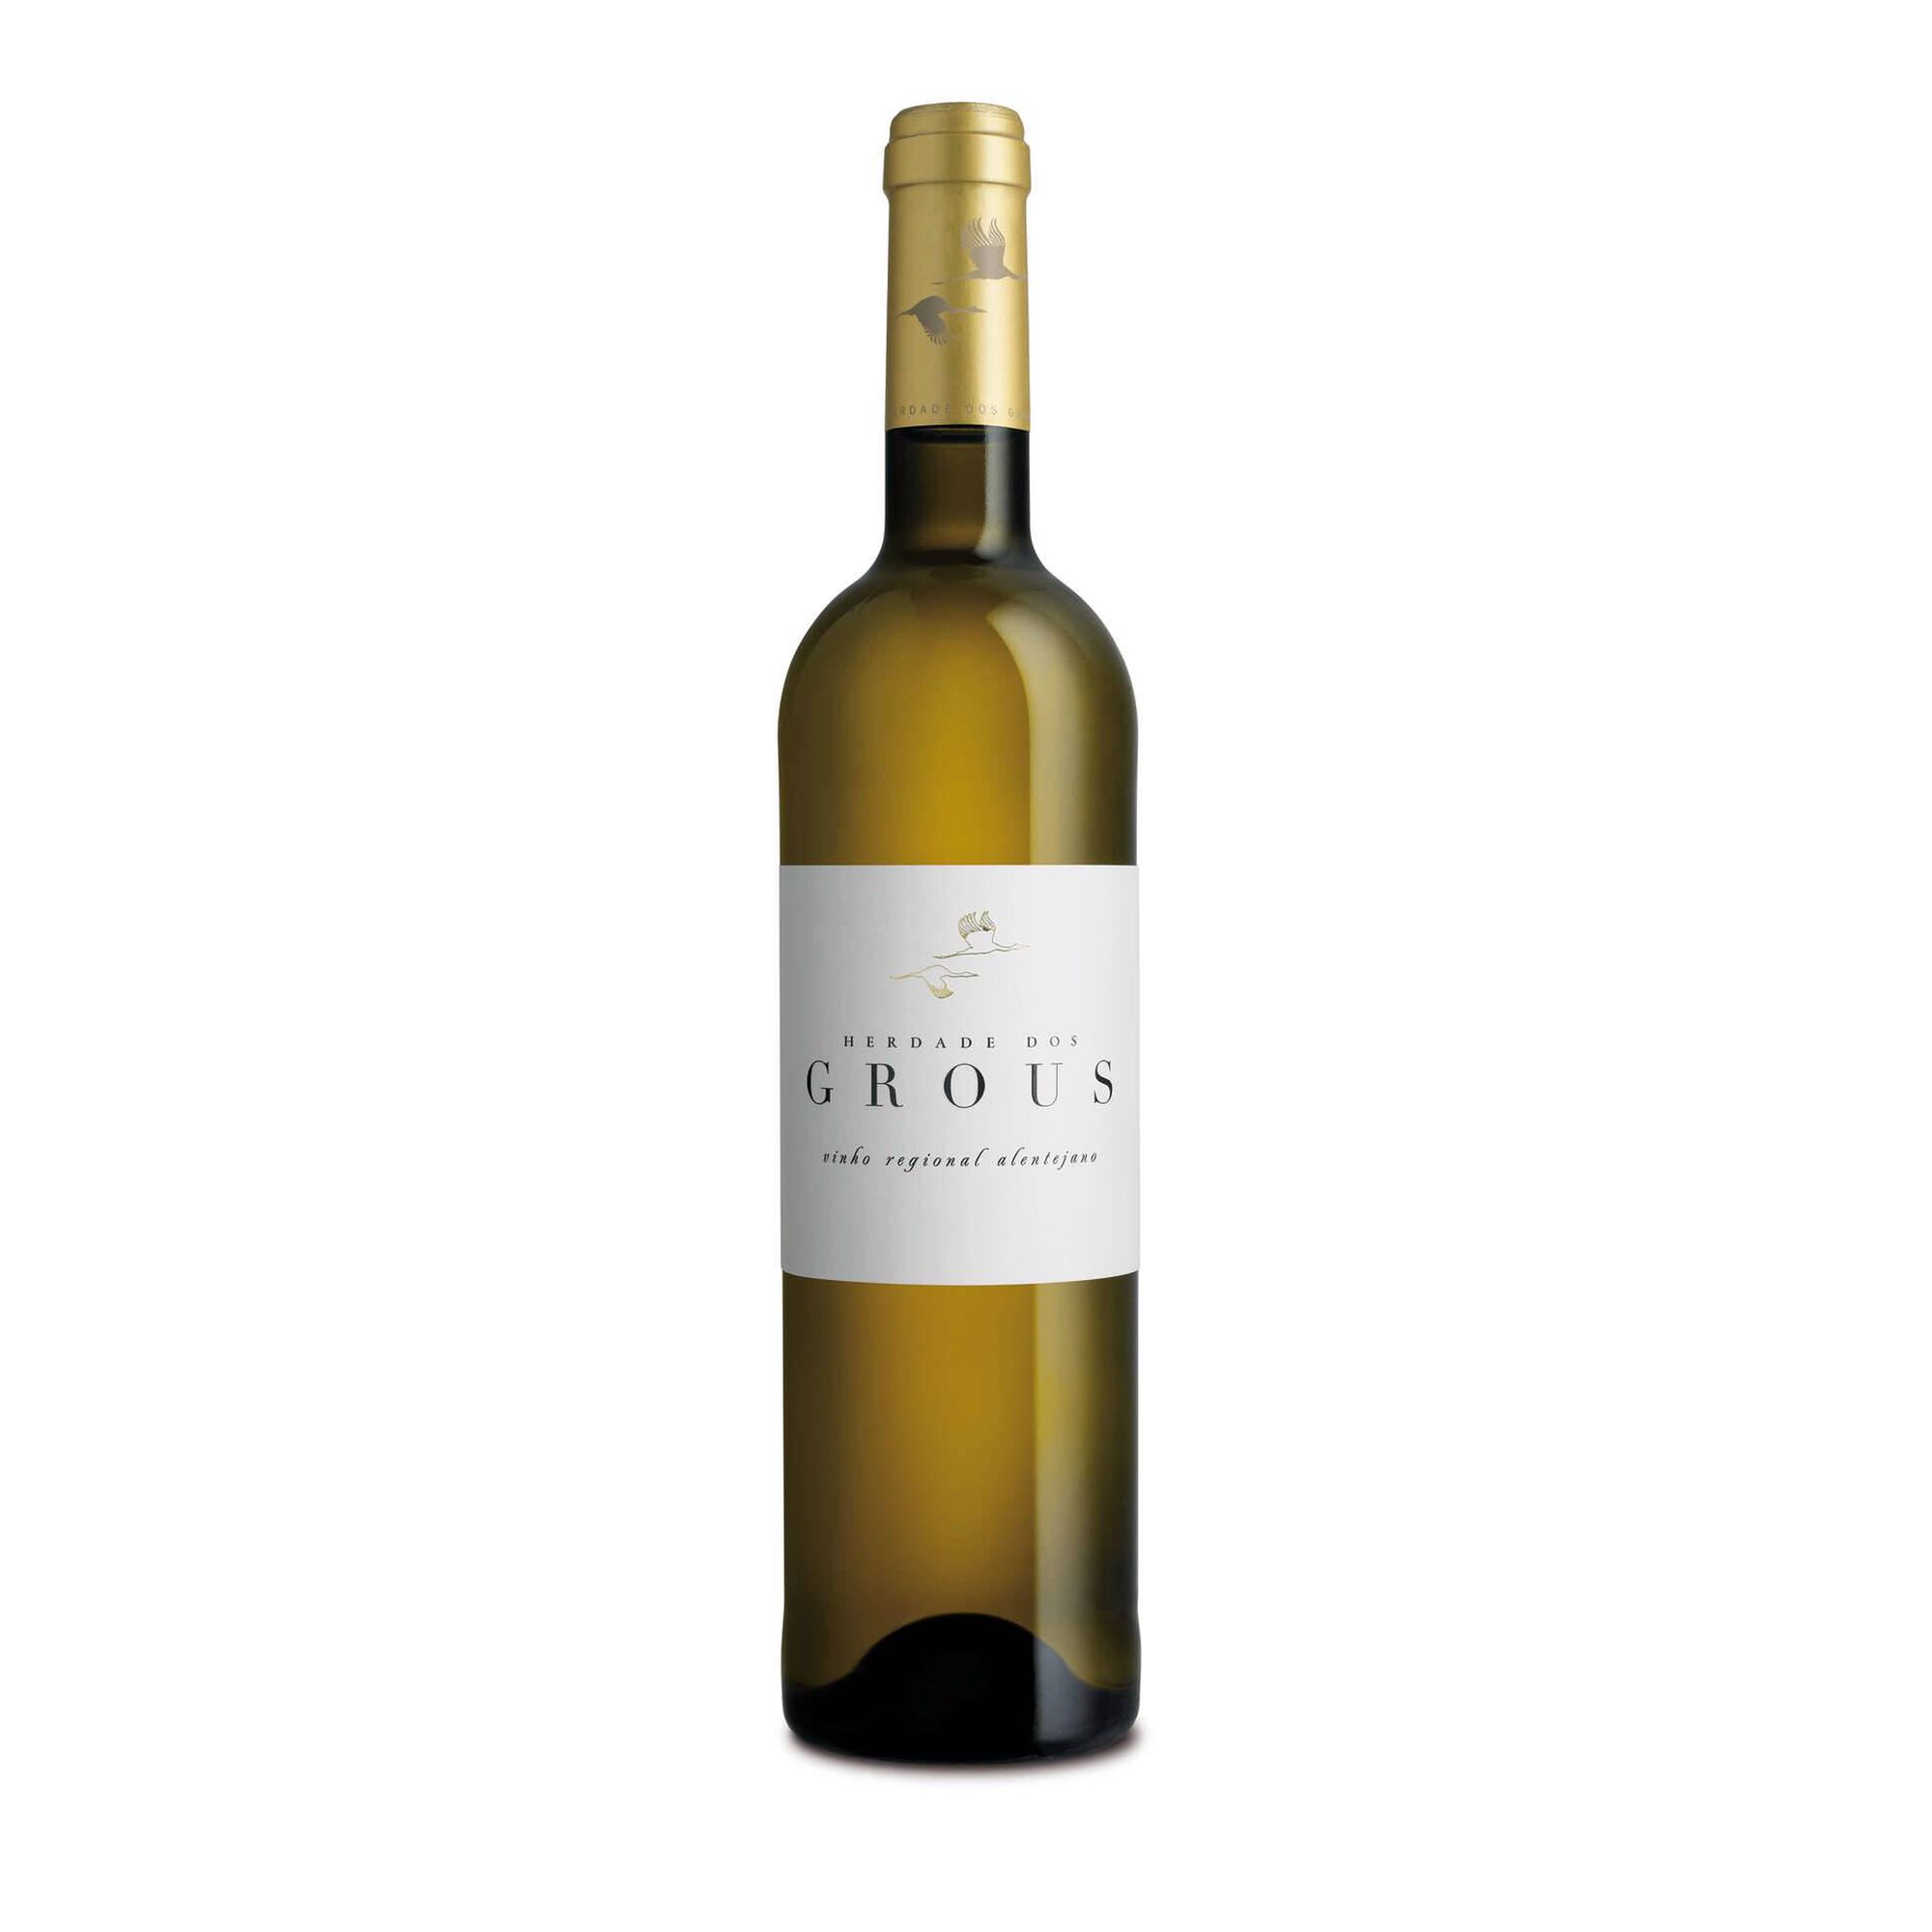 Herdade dos Grous Regional Alentejano Vinho Branco